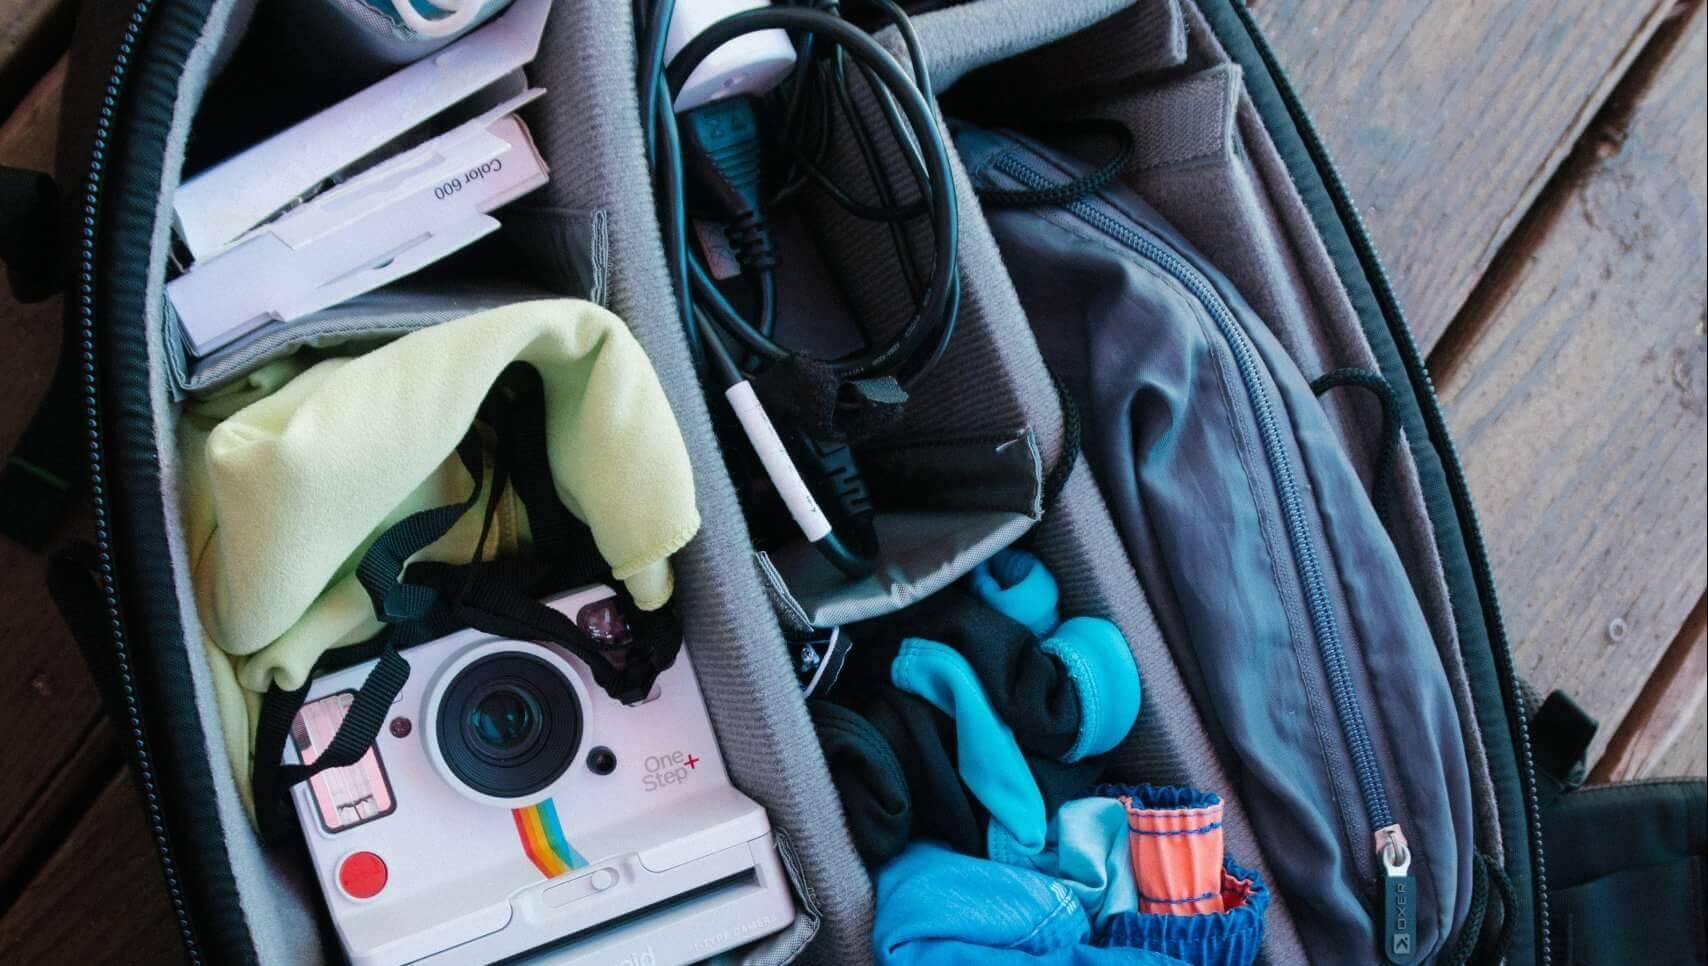 Backpack met verschillende vakken met reisspullen.